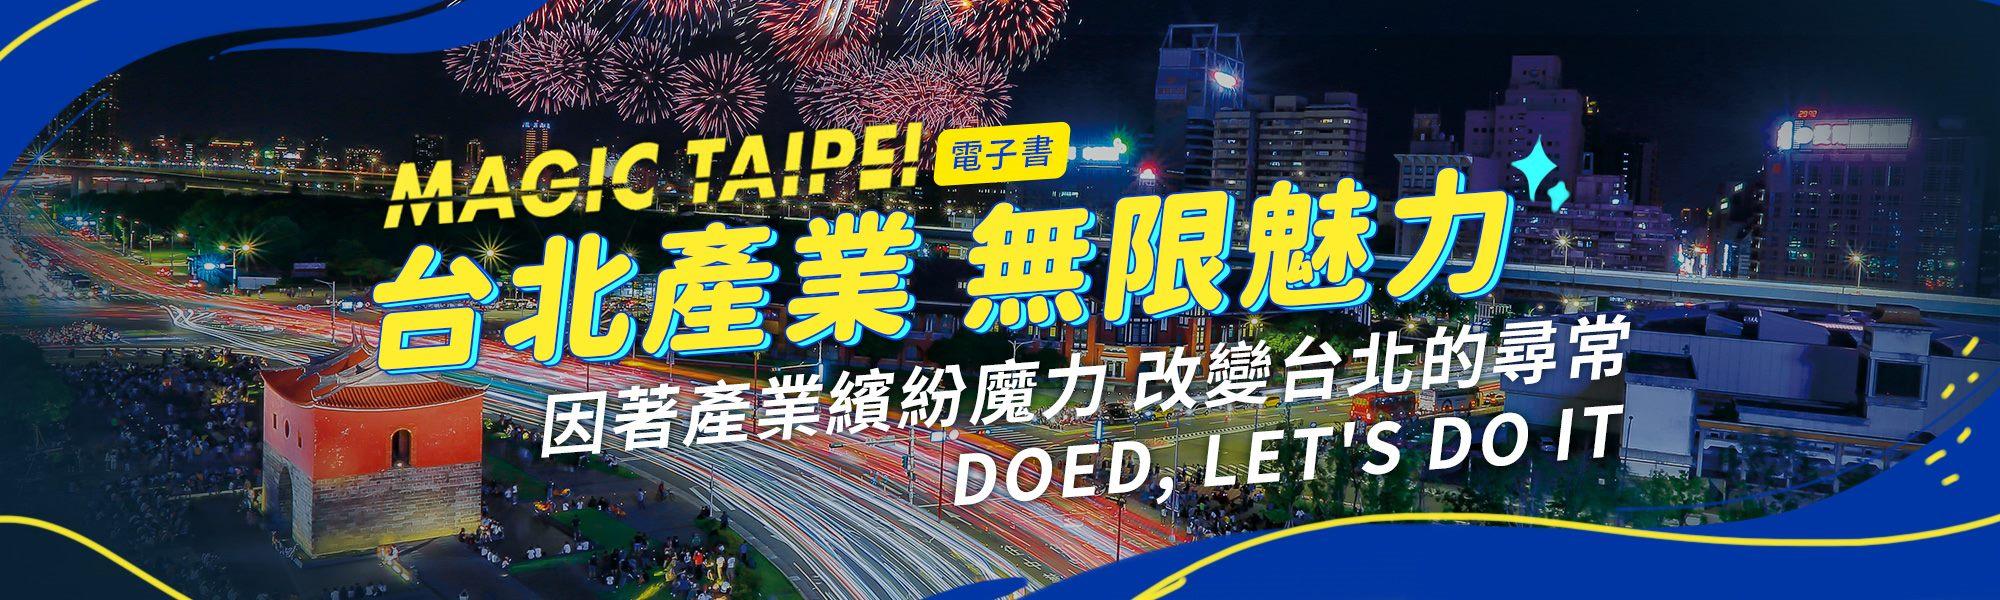 Magic Taipei 台北產業 無限魅力